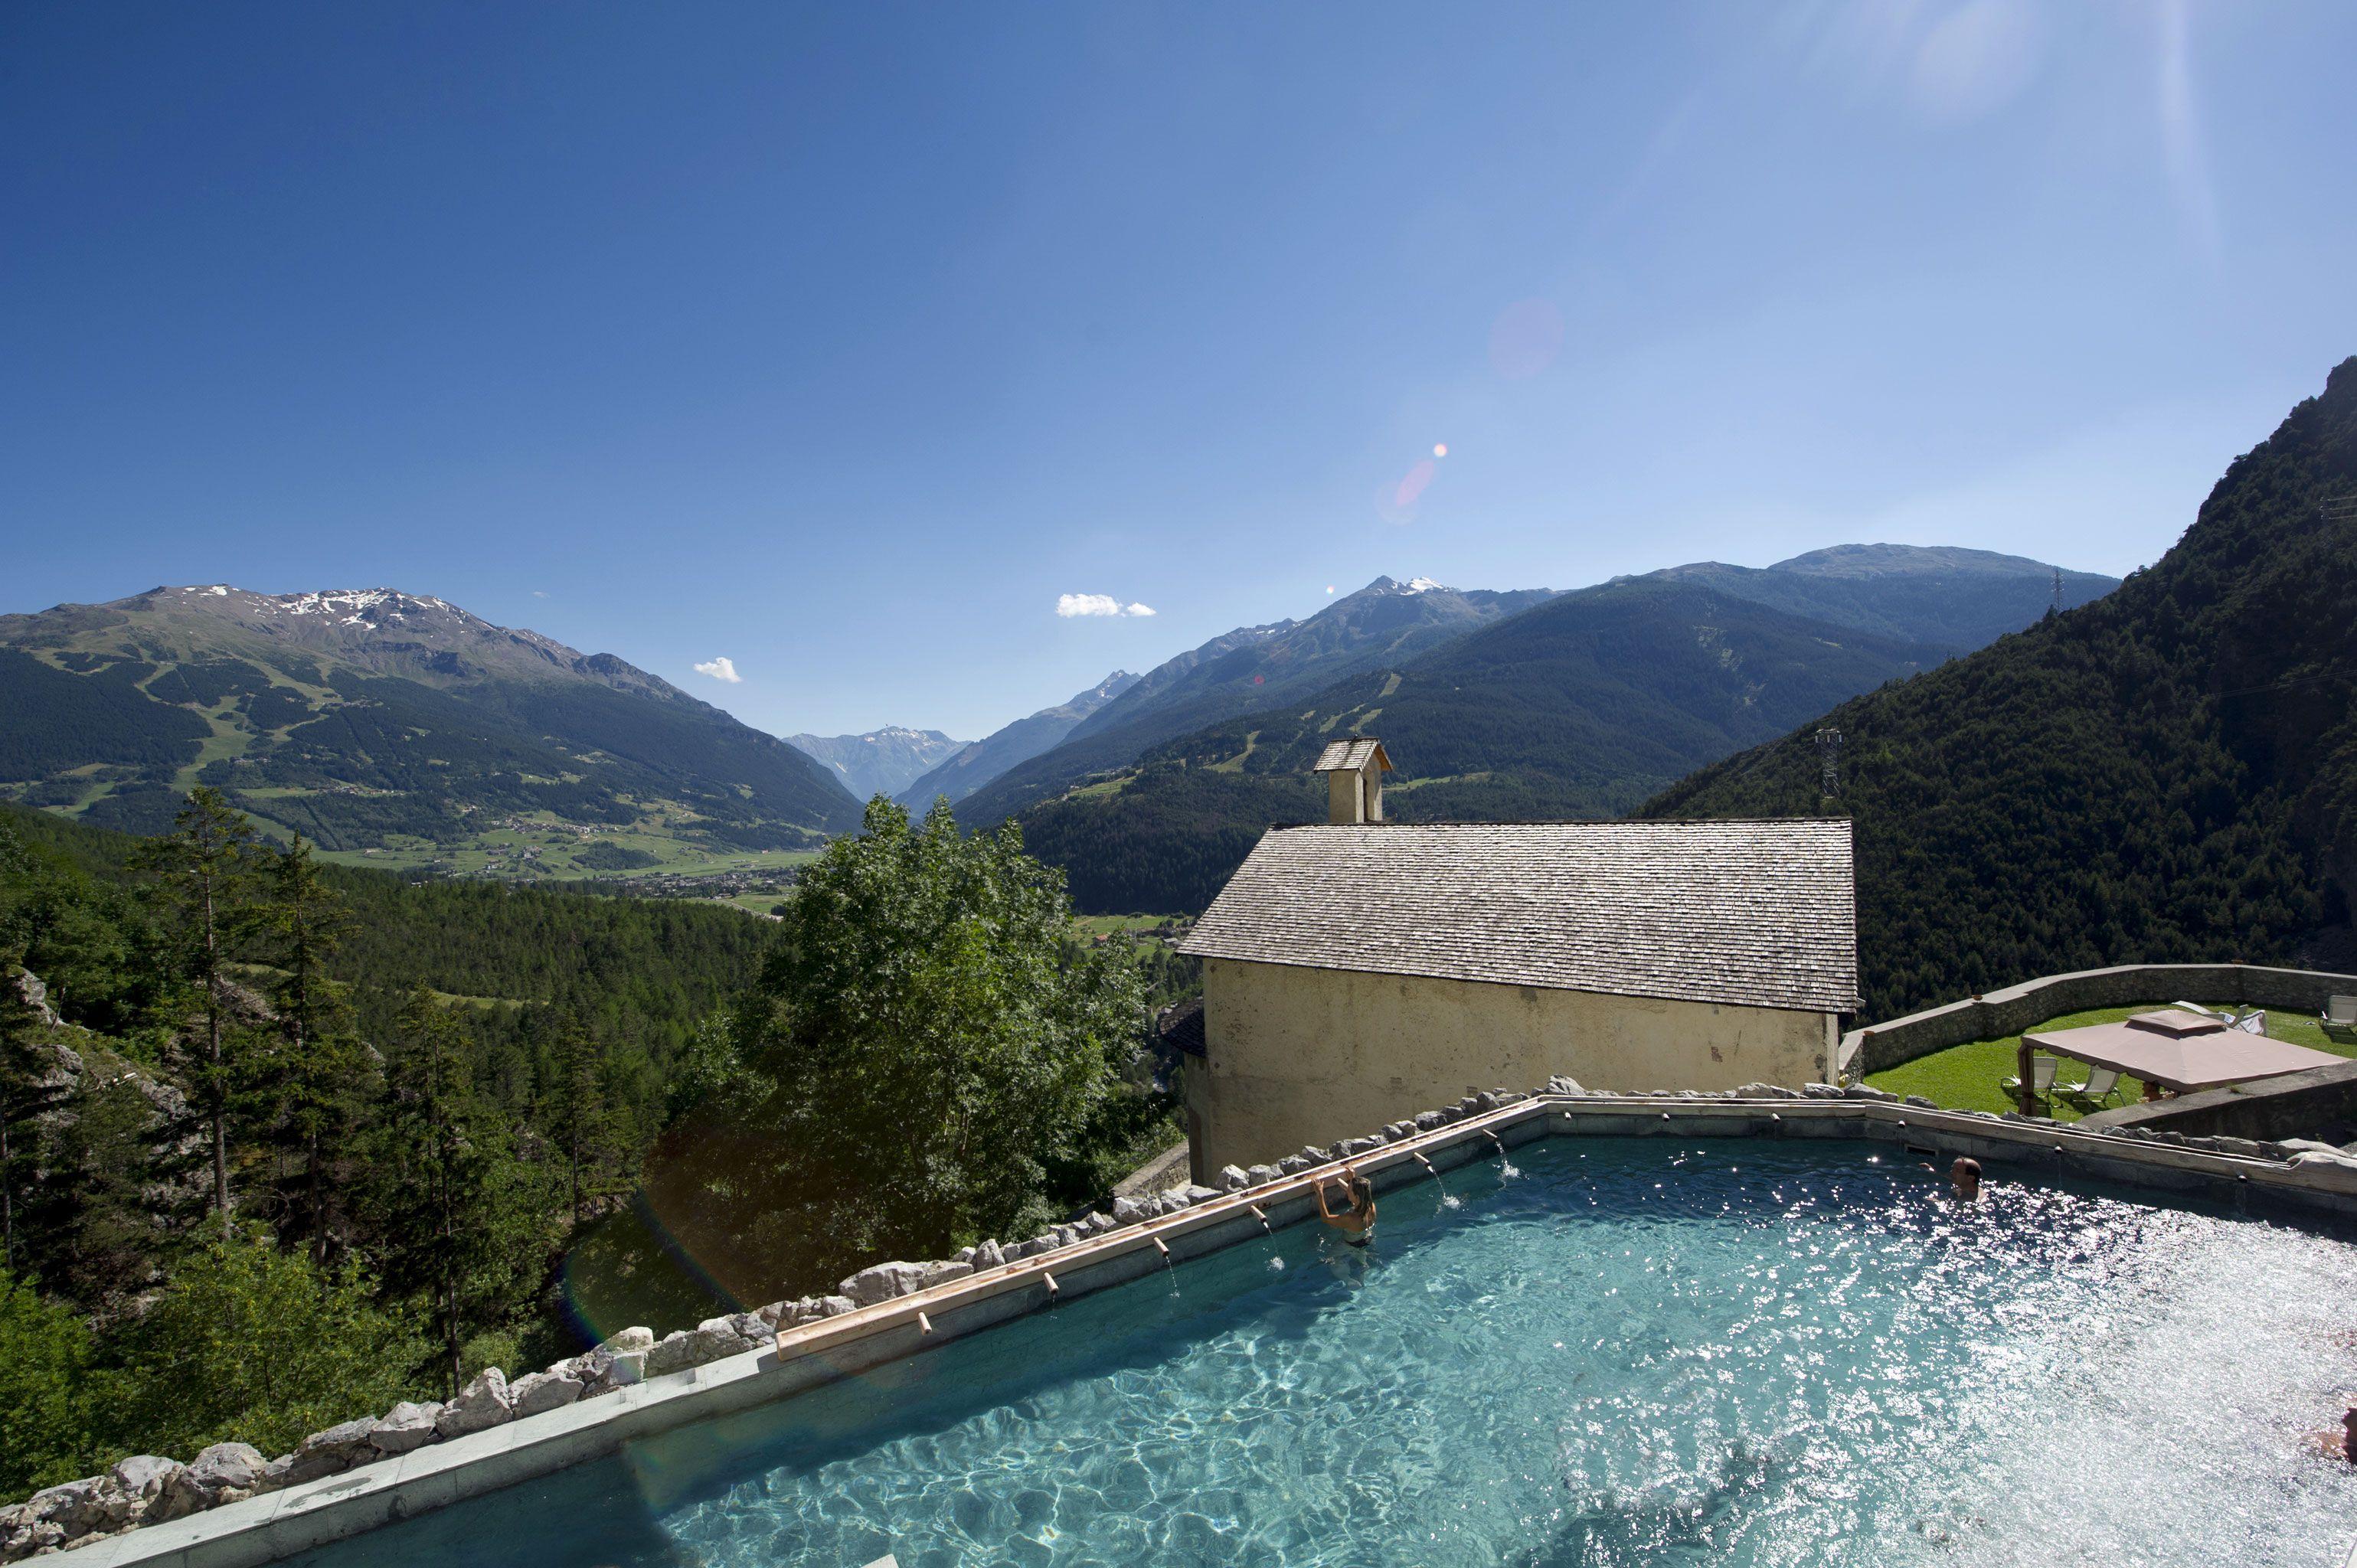 Qc Terme Grand Hotel Bagni Nuovi Bormio Italy Grand Hotel